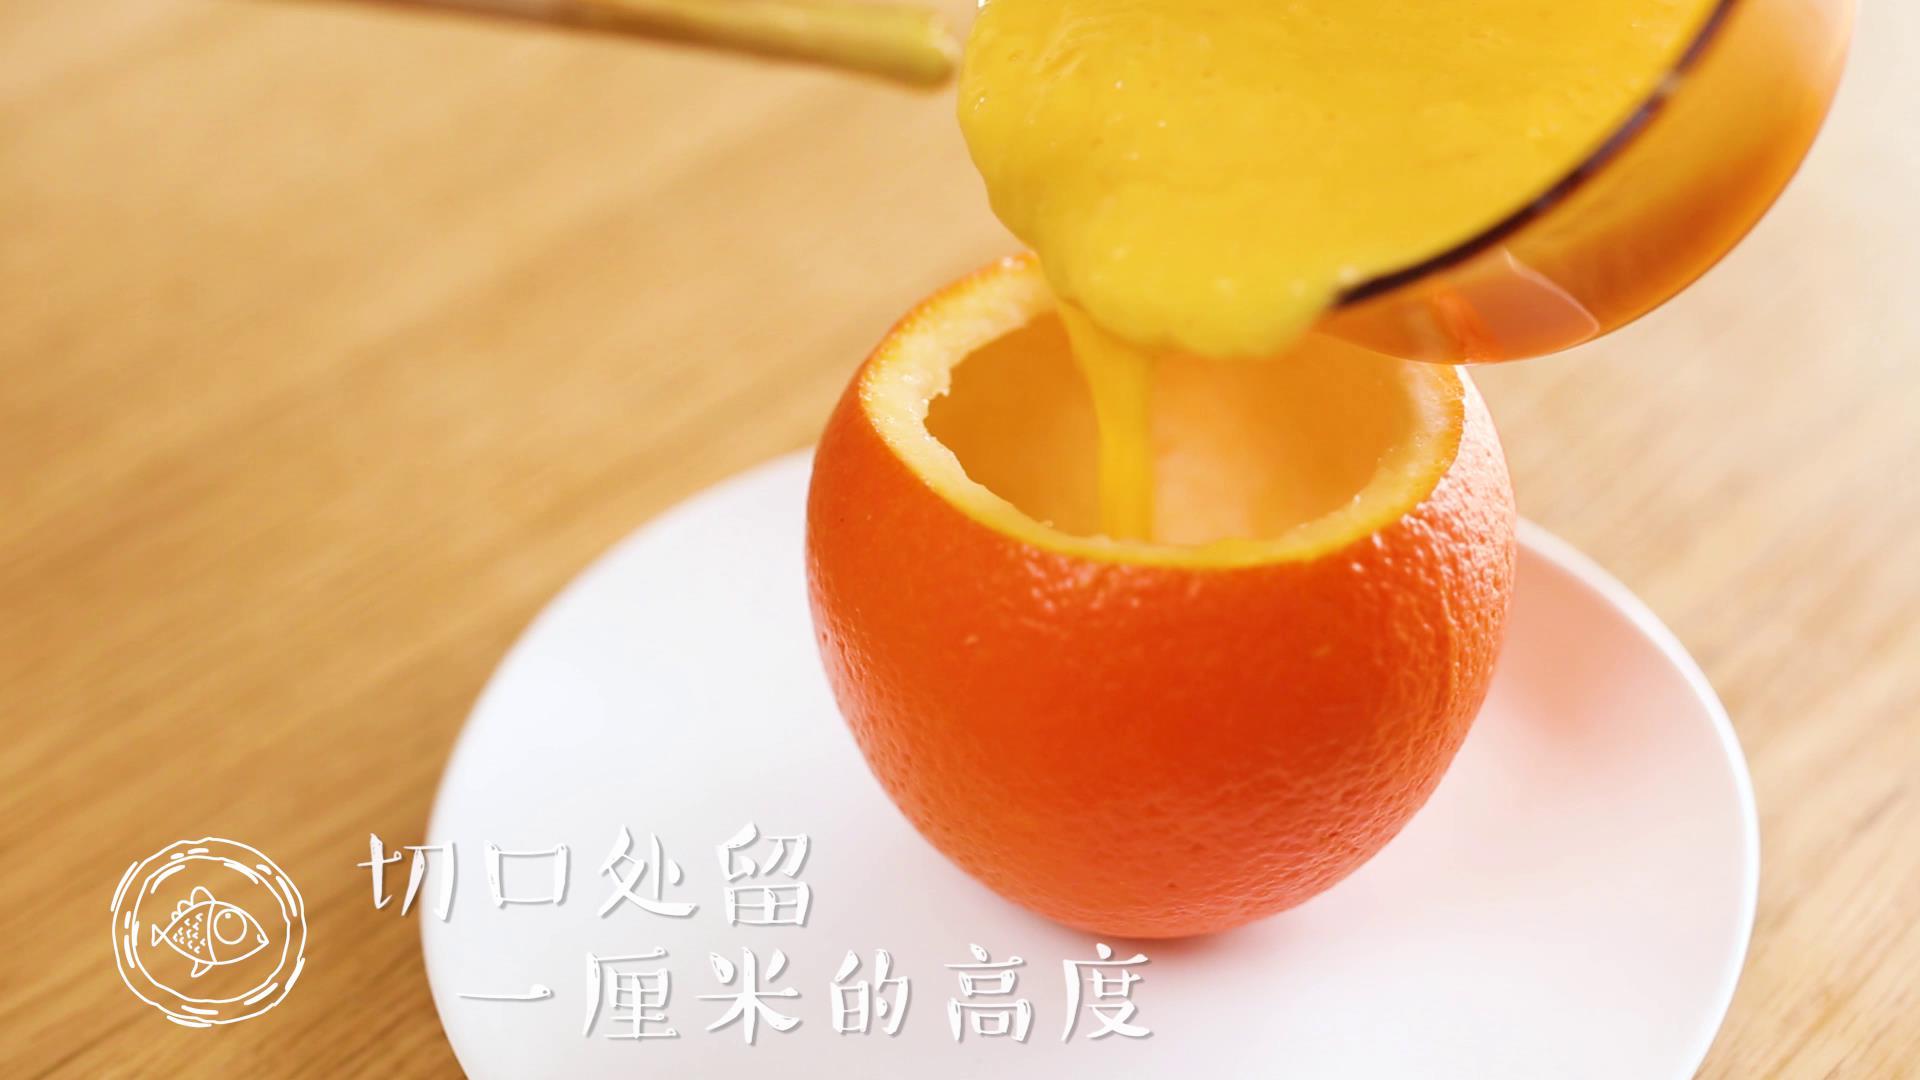 8m+香橙蒸蛋(宝宝辅食),倒入挖好的橙碗中~</p> <p>tips:在切口处留一厘米左右的高度,不要倒入的太满哈,蒸熟后容易溢出来~